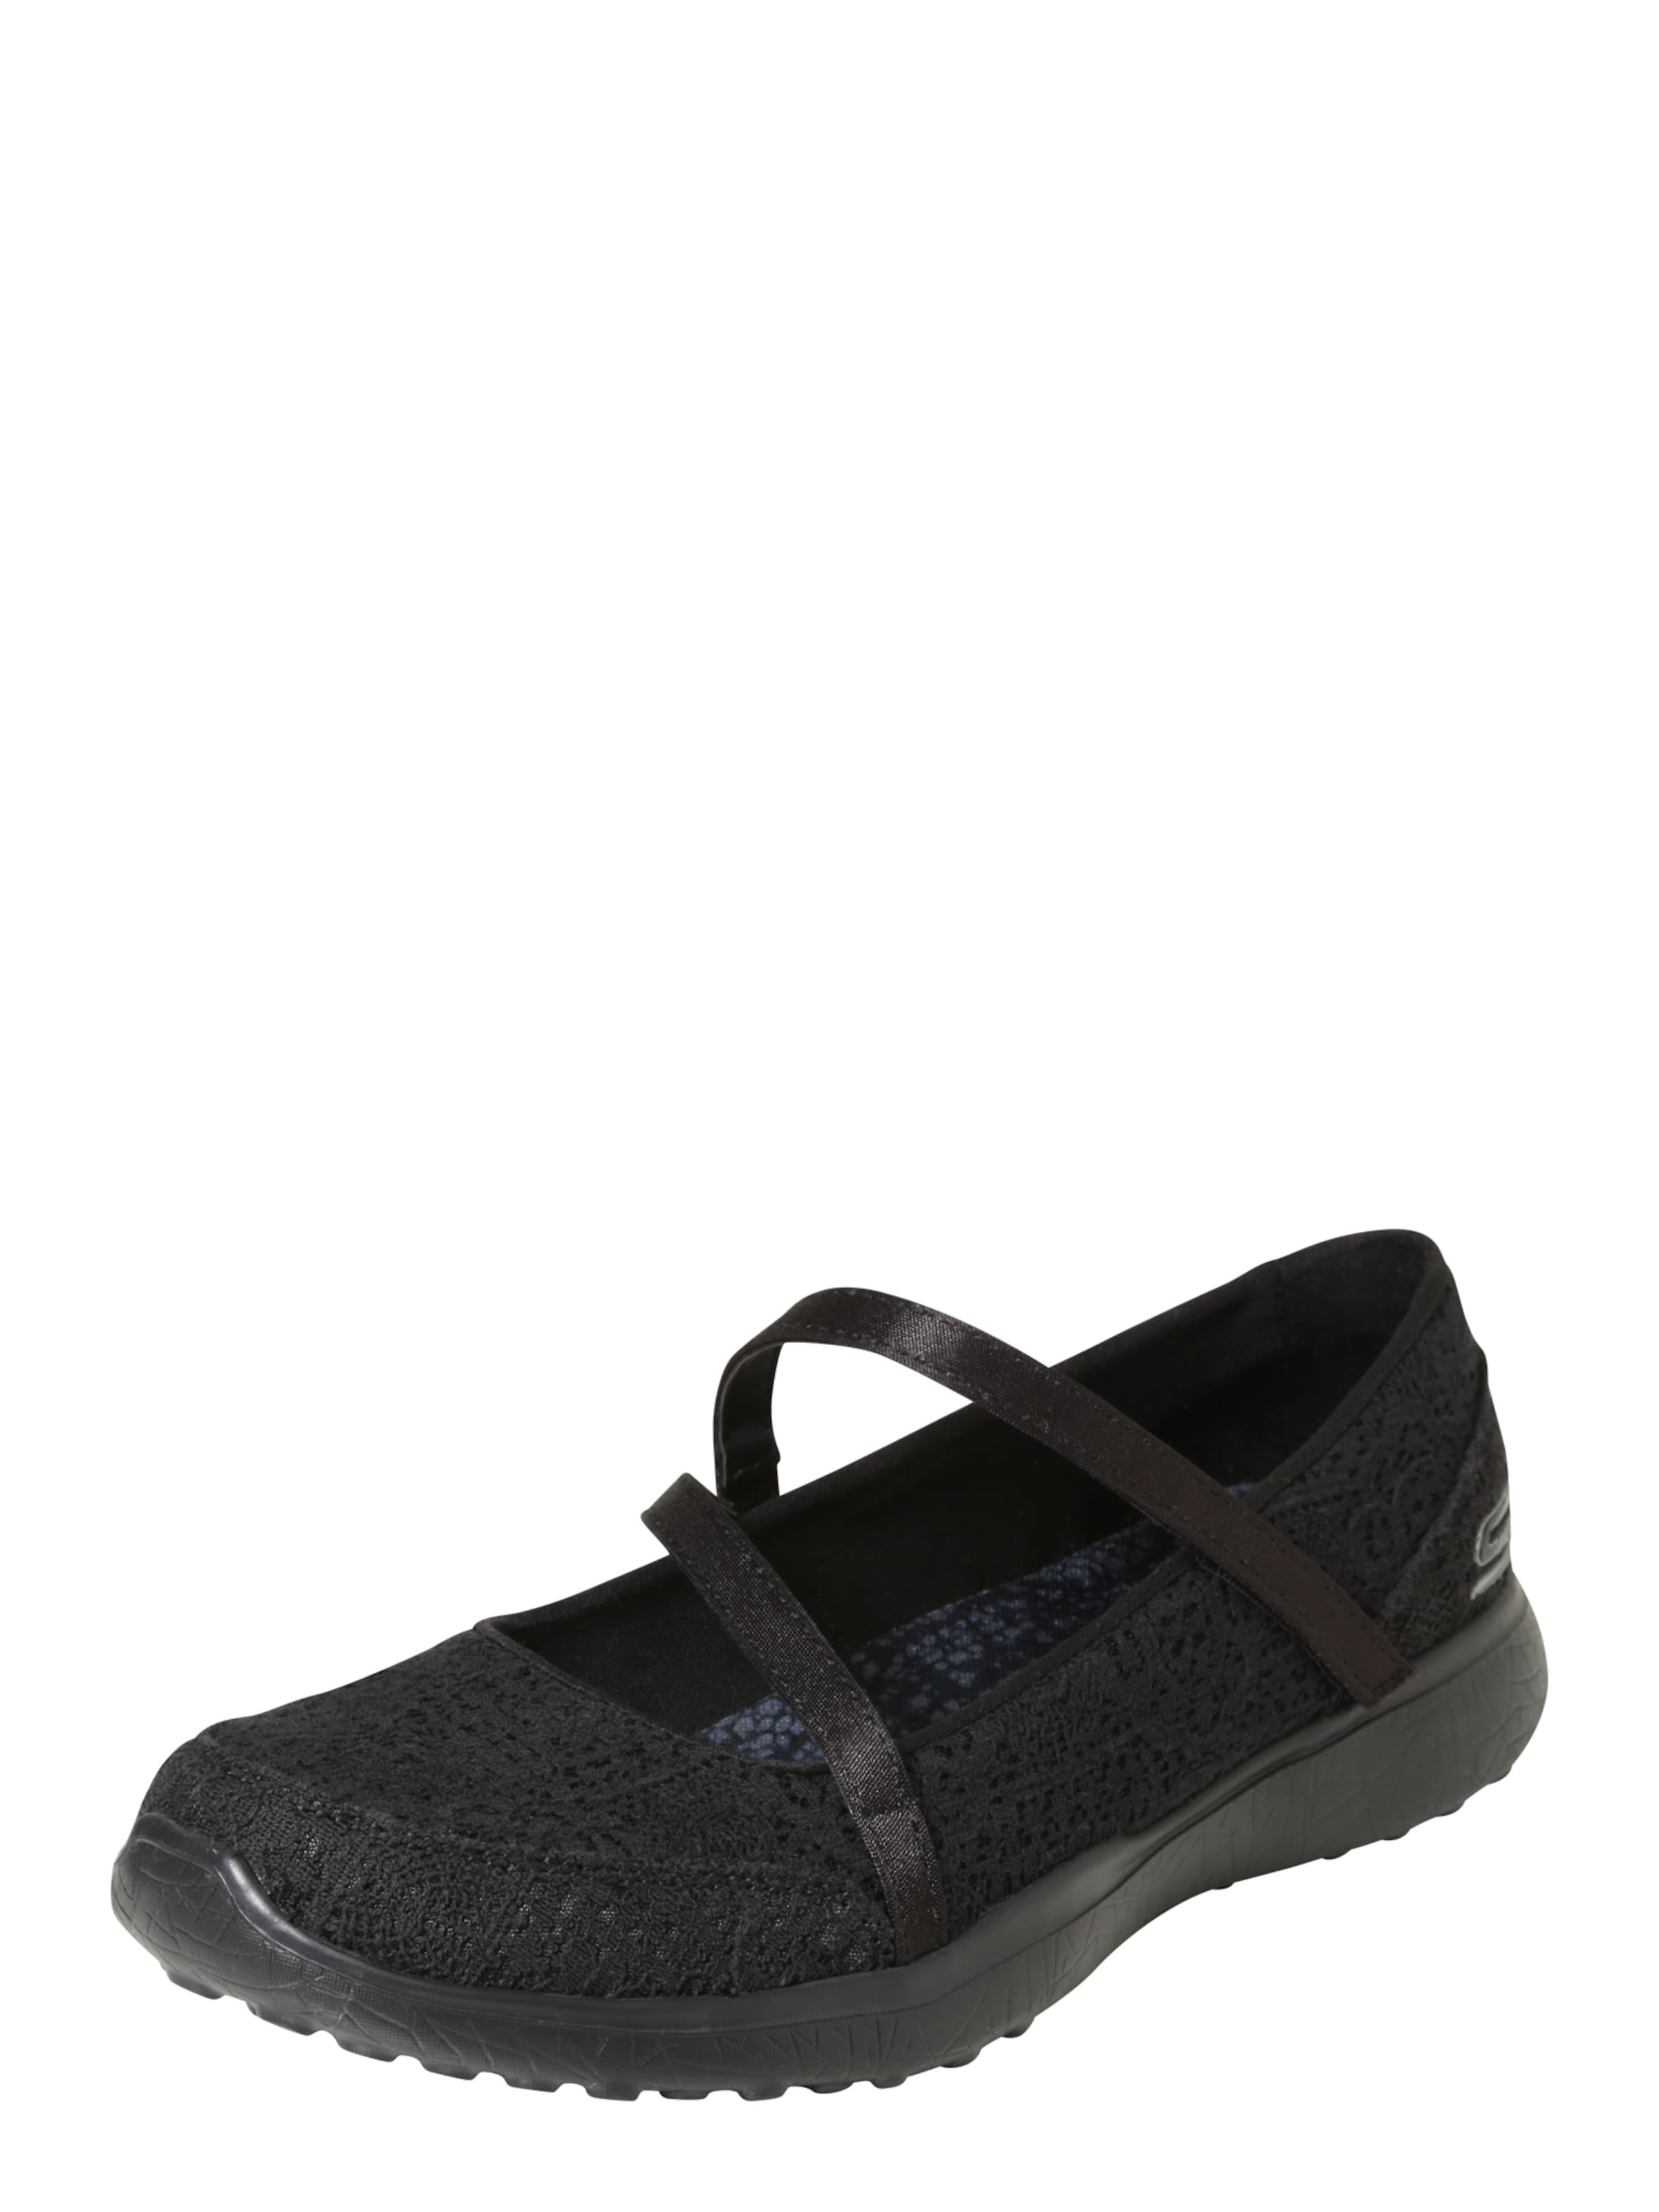 SKECHERS Mary Janes Verschleißfeste billige Schuhe